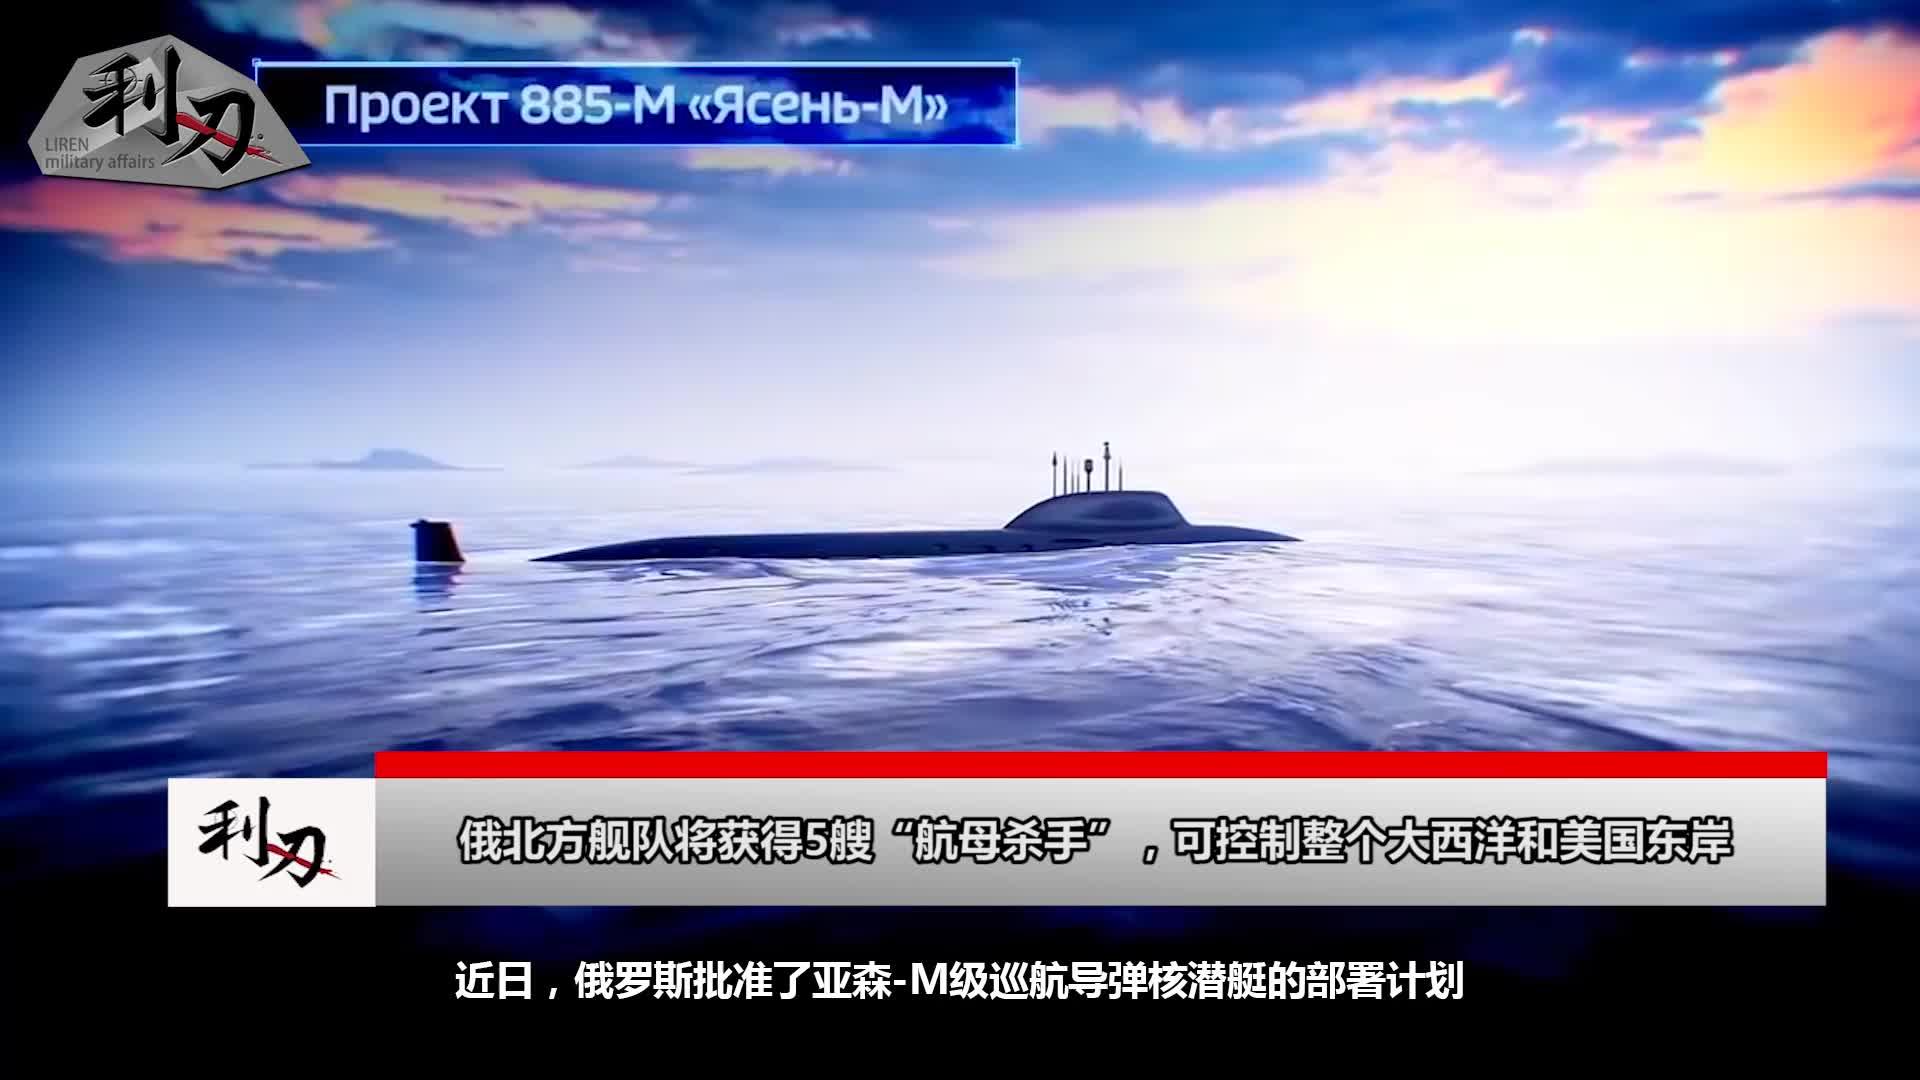 """俄北方舰队将获得5艘""""航母杀手"""",可控制整个大西洋和美国东岸"""